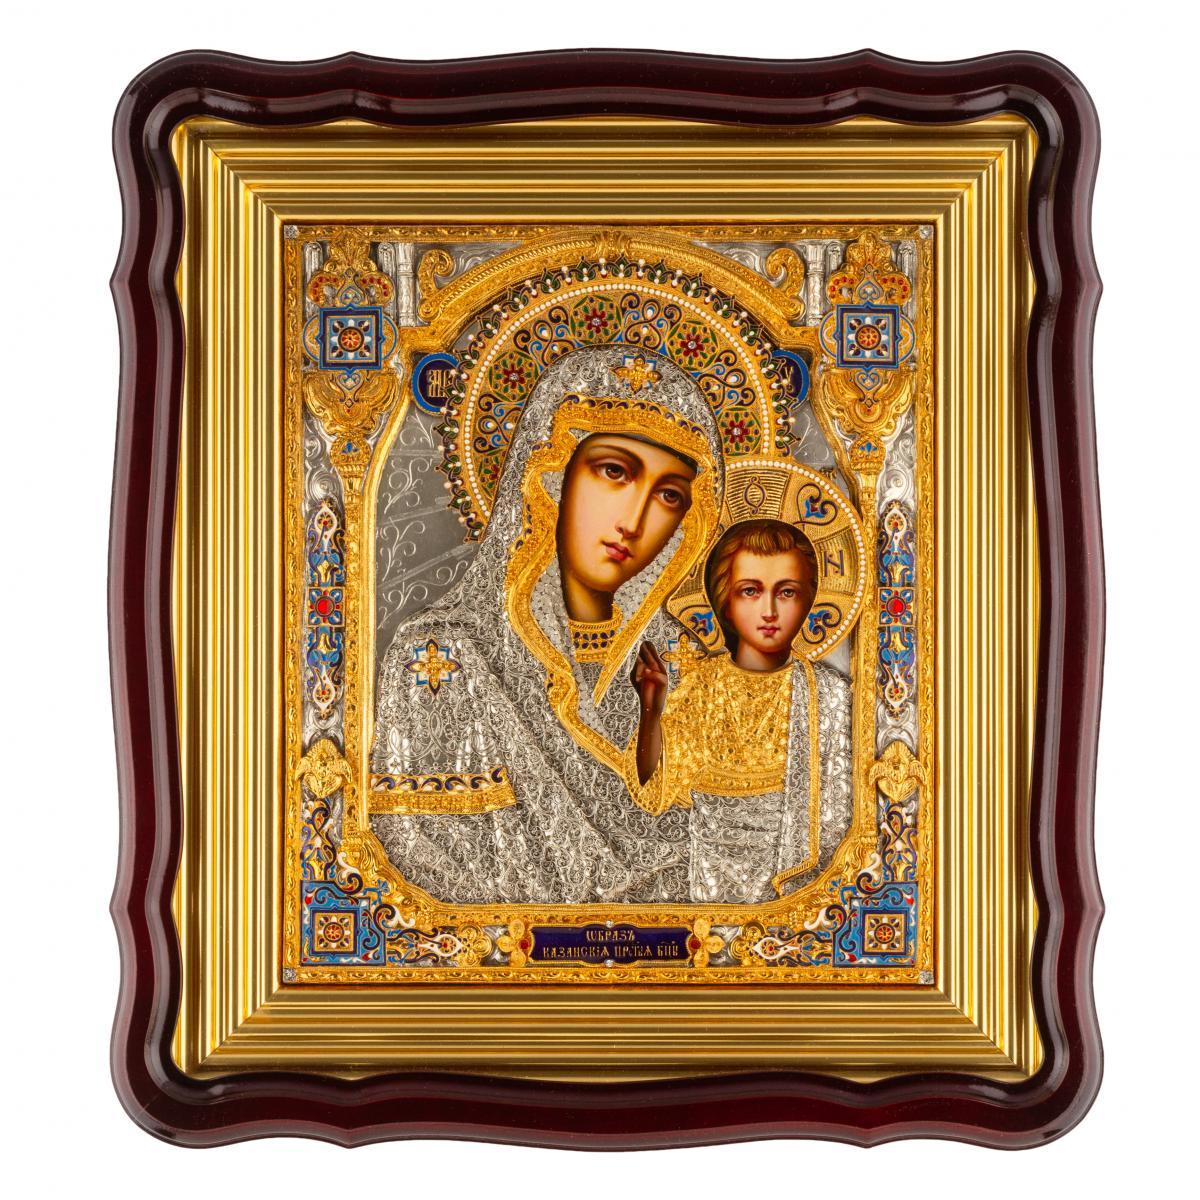 Эксклюзивная икона Божией Матери Казанская. Фото №2. | Народный дом Украина